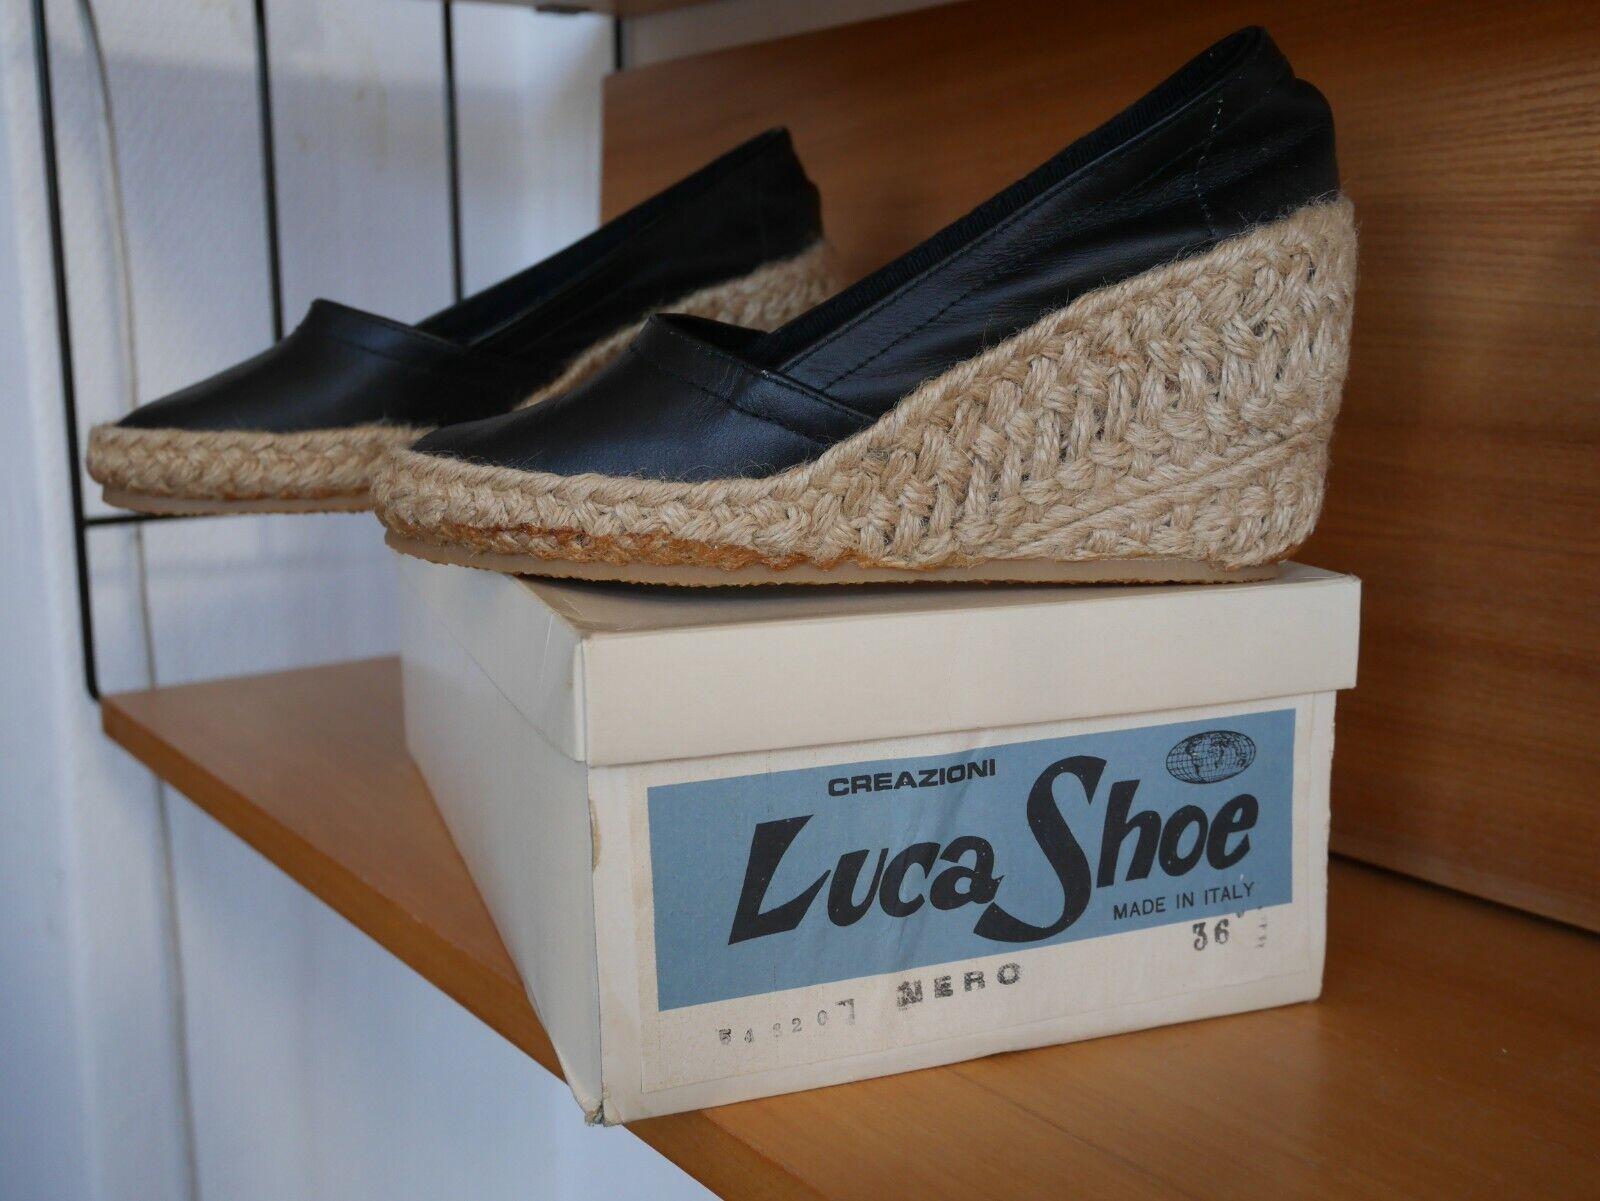 besondere Auswahl an Neueste Mode viele möglichkeiten Wedge 36 schuhe Luca Bast VINTAGE 70s wedges TRUE schwarz ...